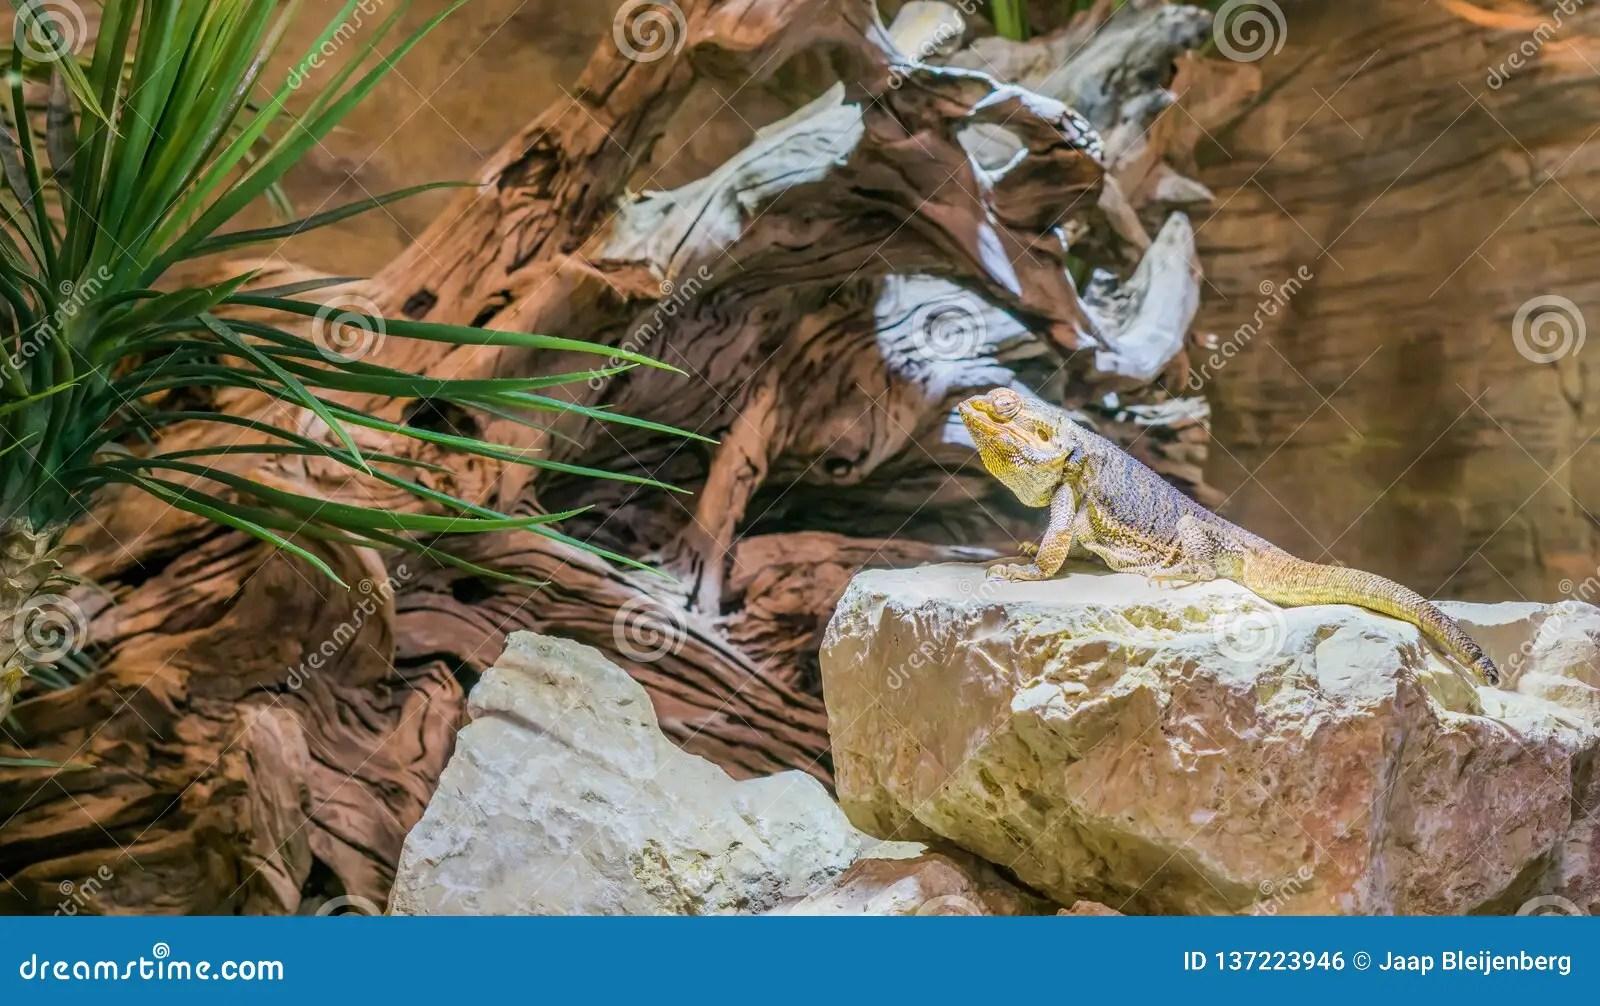 central bearded dragon lizard